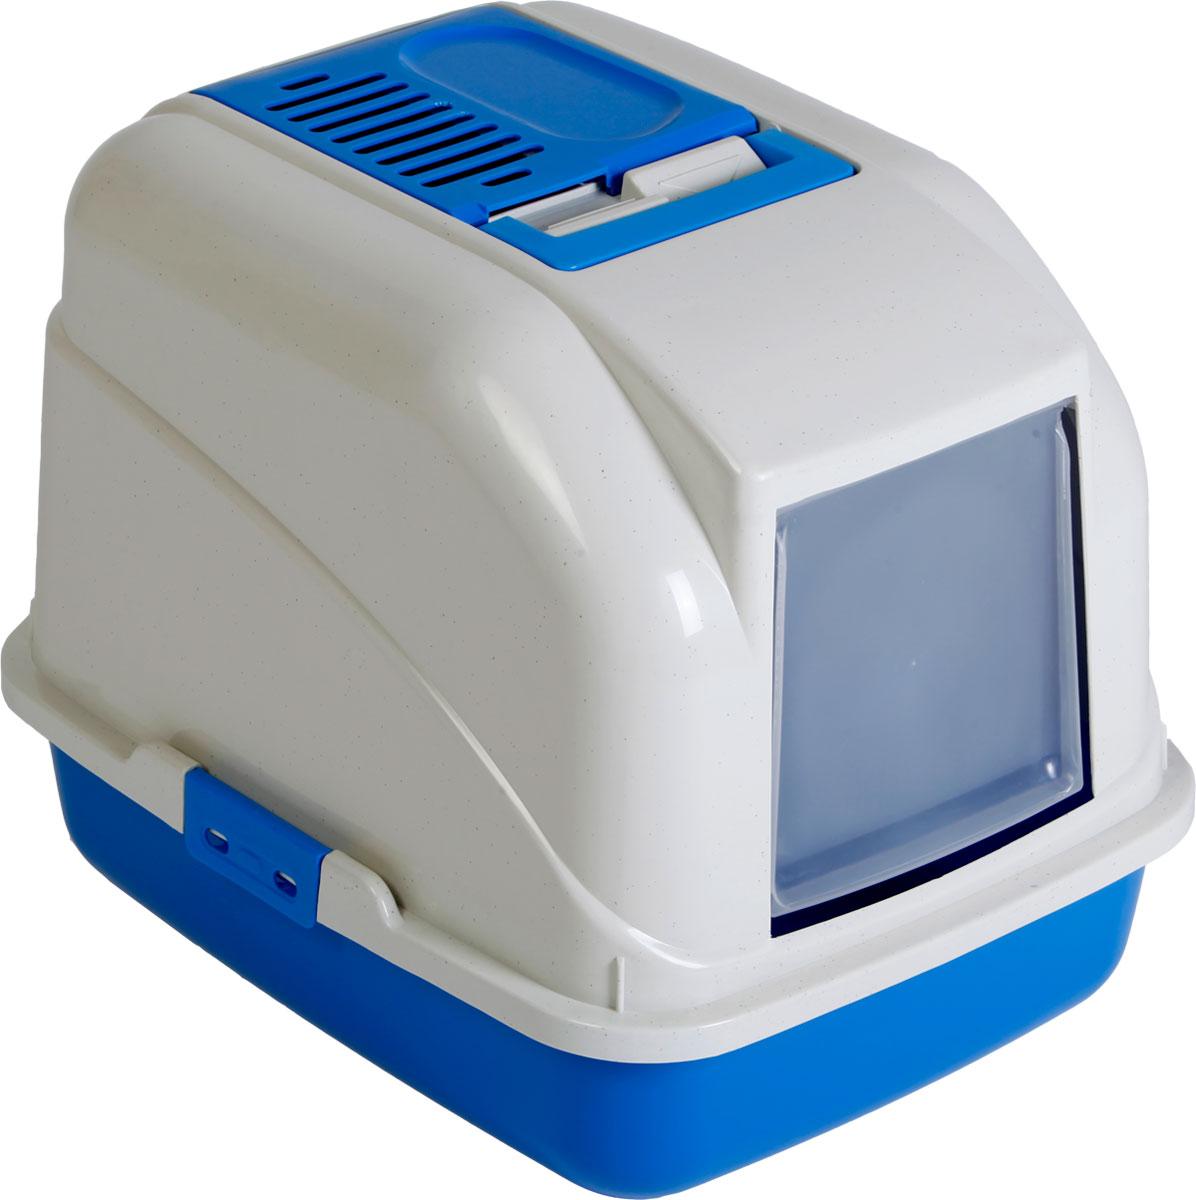 Туалет-лоток для кошек, цвет: синий, молочный, 50 x 40 x 40 см. CAT-L01 BlueCAT-L01 BlueТуалет-лоток для кошек удерживает неприятные запахи, предотвращает рассыпание наполнителя. Изготовлен из высококачественного пластика, легко моется и не впитывает запахи. Специально разработанная верхняя крышка, облегчает уборку туалета.Благодаря открывающейся фронтальной дверце ваш питомец быстро и удобно попадет в такой туалет-домик.Внутреннее отделение представляет собой глубокий отсек, в котором поместится ваш любимец.Укомплектовано такое изделие фильтром, а также совком, который выполнен с дополнительными отверстиями.Преимущества закрытого туалета очевидны: меньше распространяются неприятные запахи, наполнитель не рассыпается вокруг туалета (особенно актуально для кошек, которые любят покопаться в наполнителе);идеально подходит для кошек, которые любят долго и упорно зарывать, используя при этом не только наполнитель, но и все, что попадет под лапу.Туалет-лоток удобно переносить с помощью верхней пластиковой ручки.